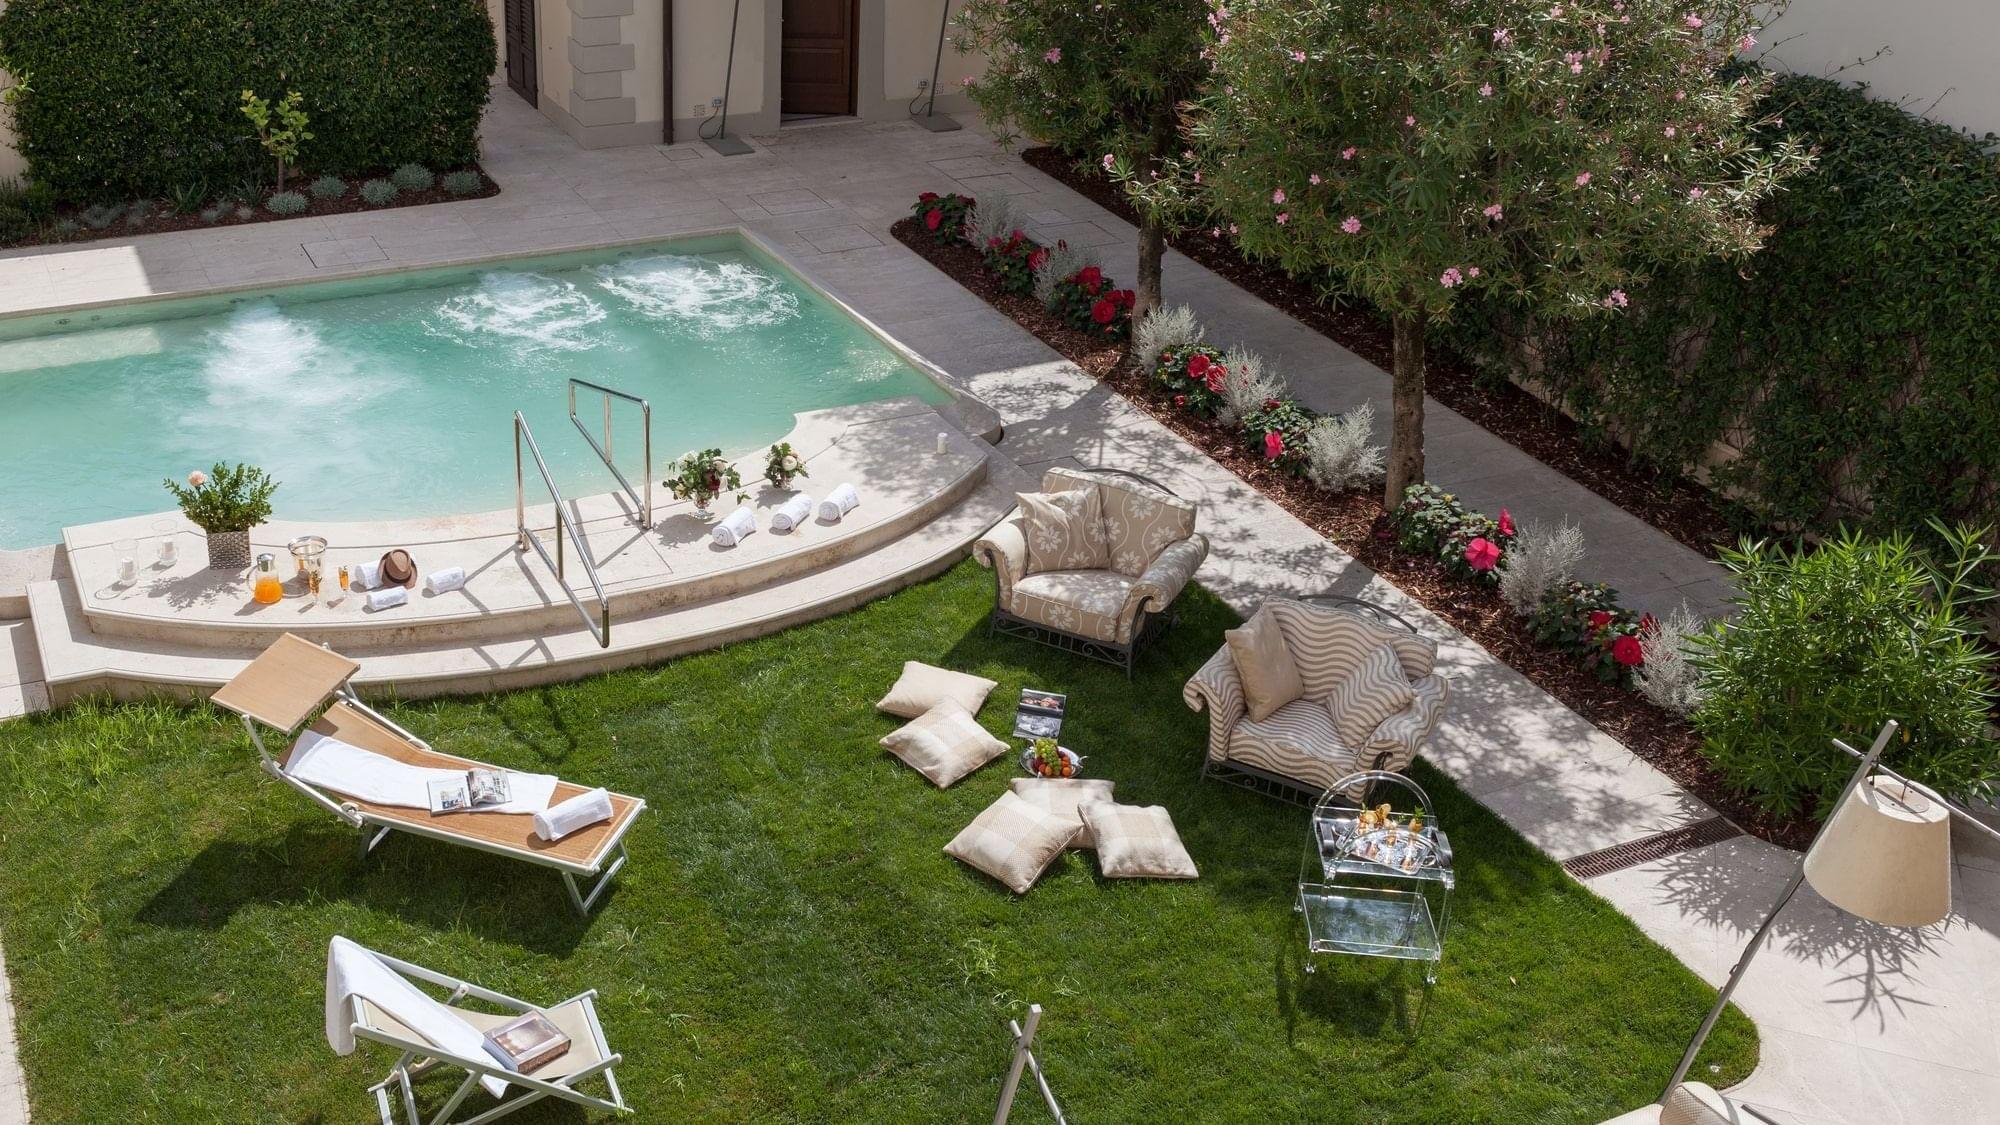 Villa con Piscina in Toscana - Luxury Villa Manin Viareggio | UNA Esperienze